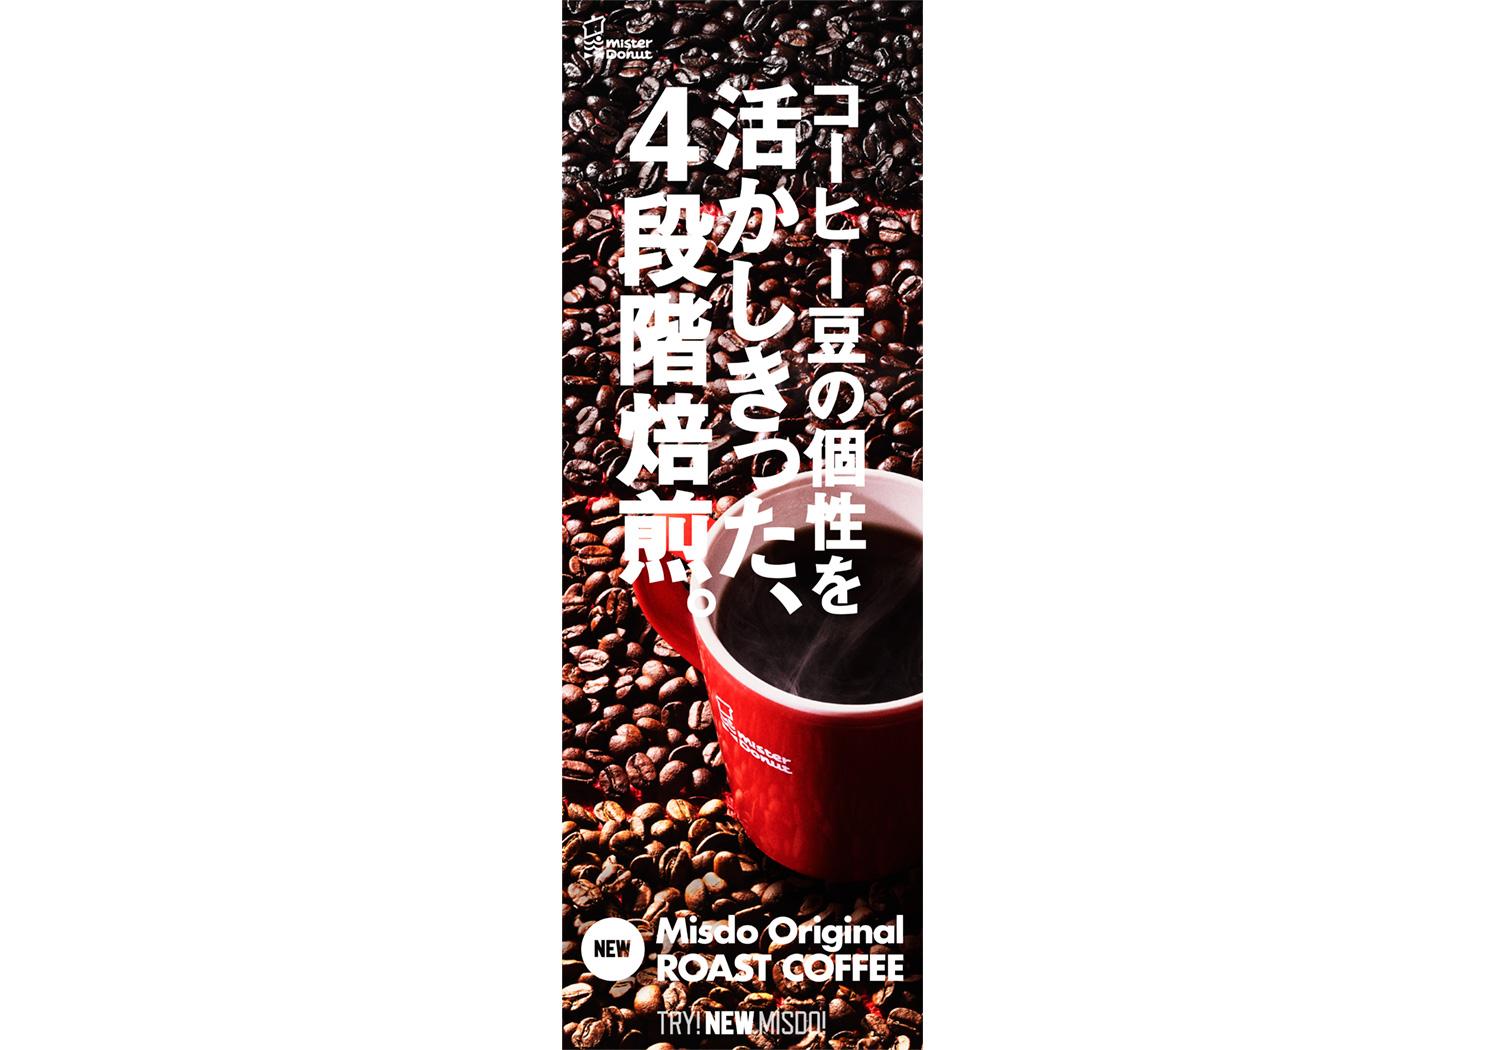 Mister Donut Poster 2013